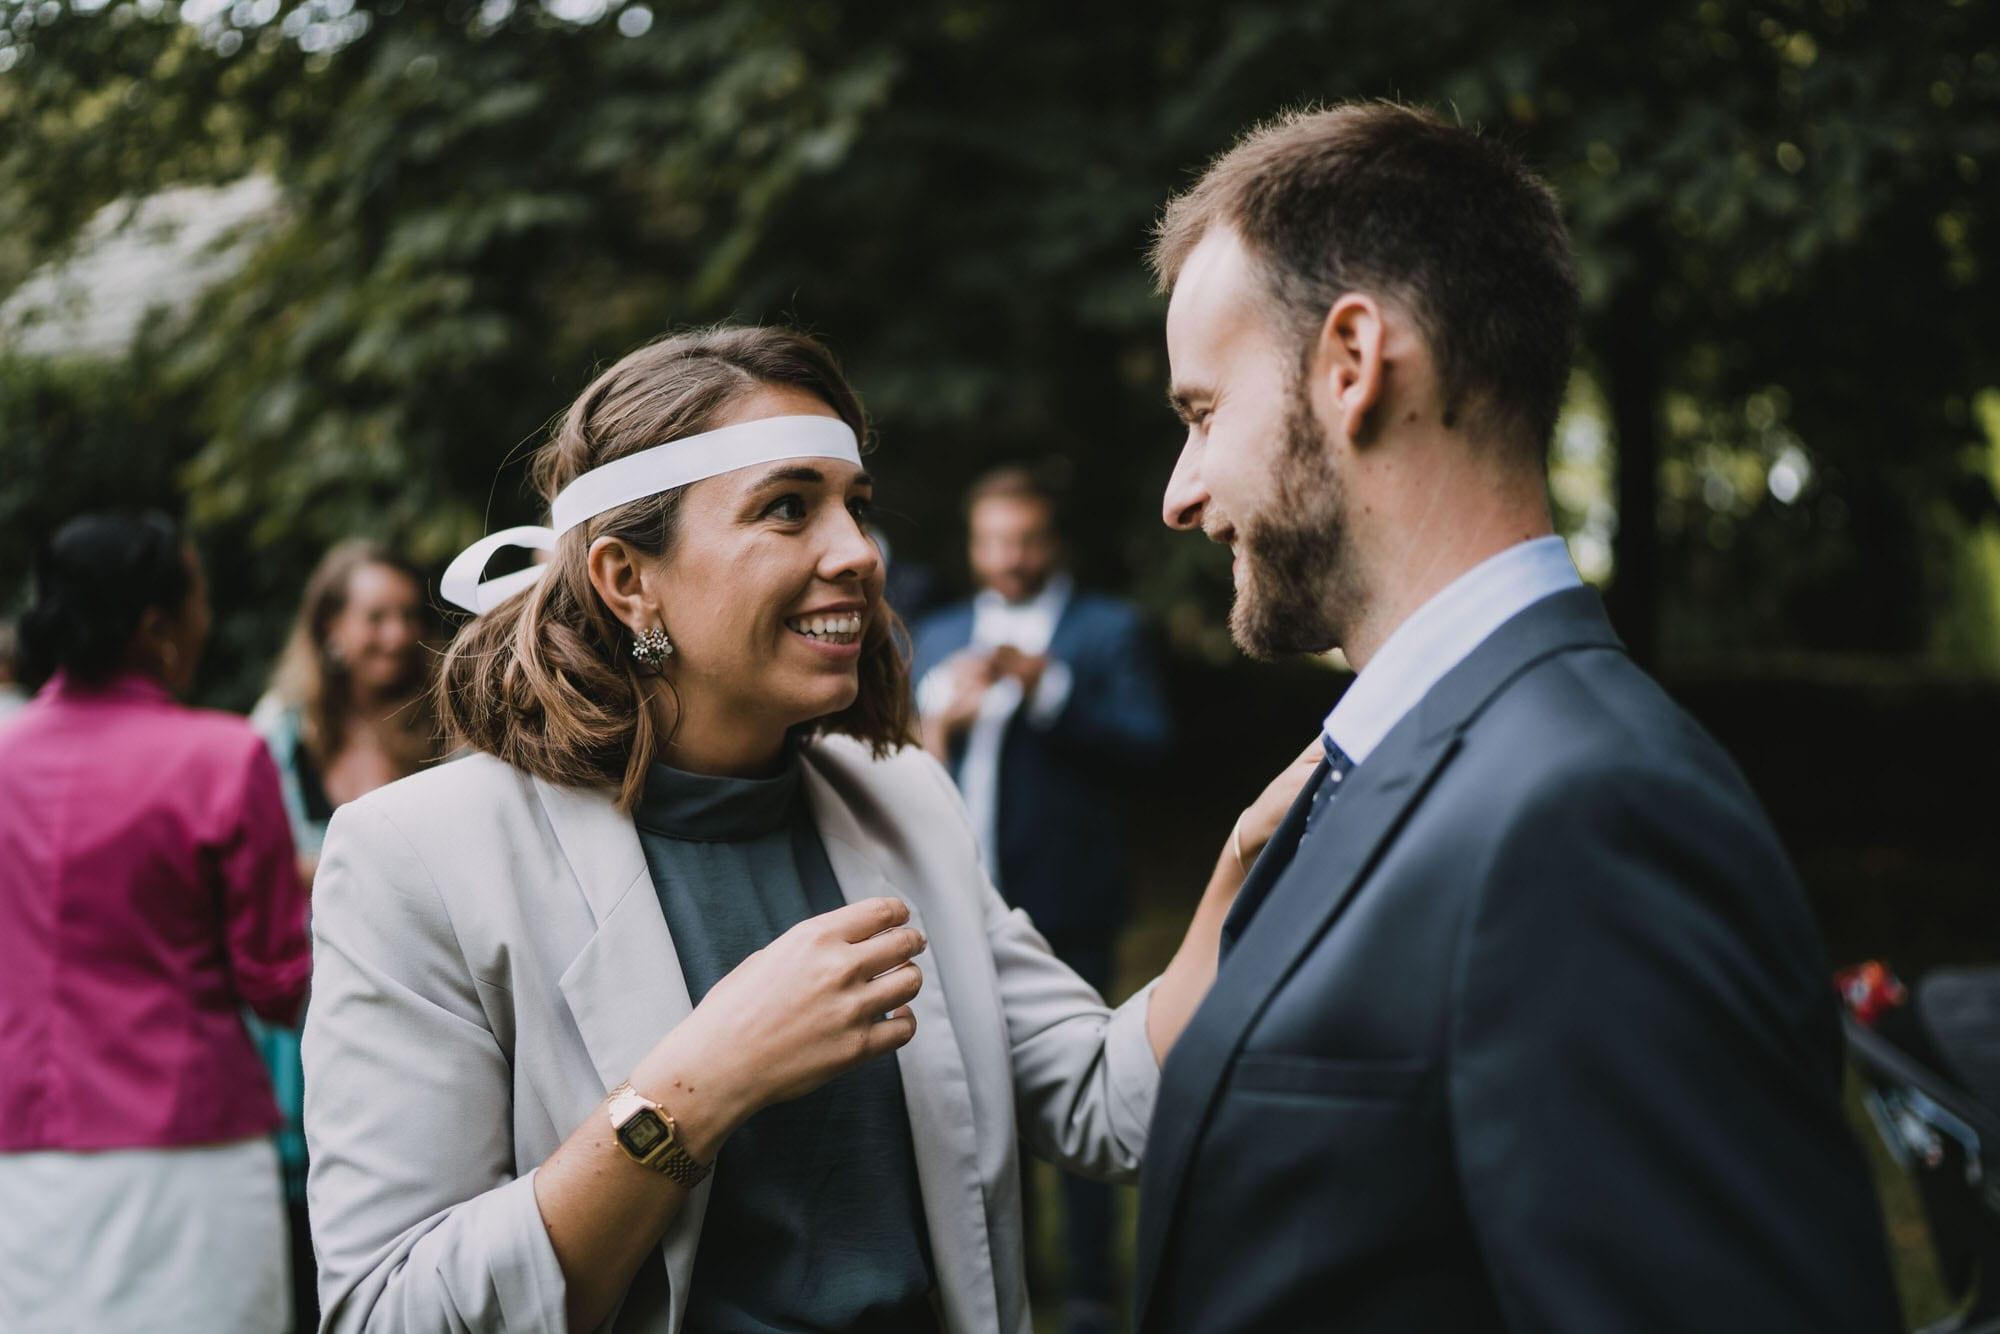 photographe mariage domaine de kerenez Loctudy